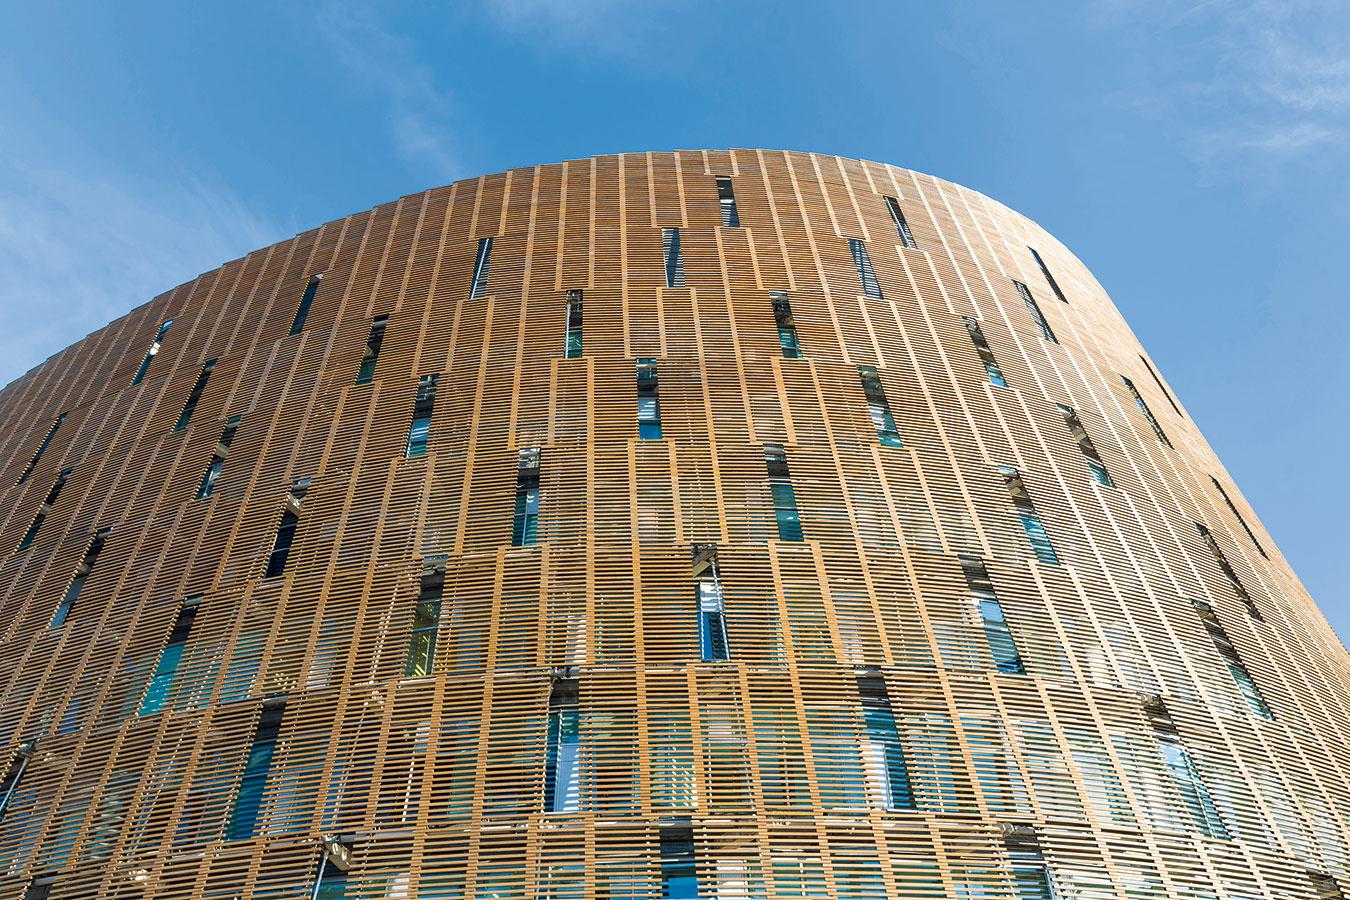 Drevený obklad vo funkcii tienenia fasády pred nadmerným slnečným žiarením zároveň architektonicky dotvára budovu